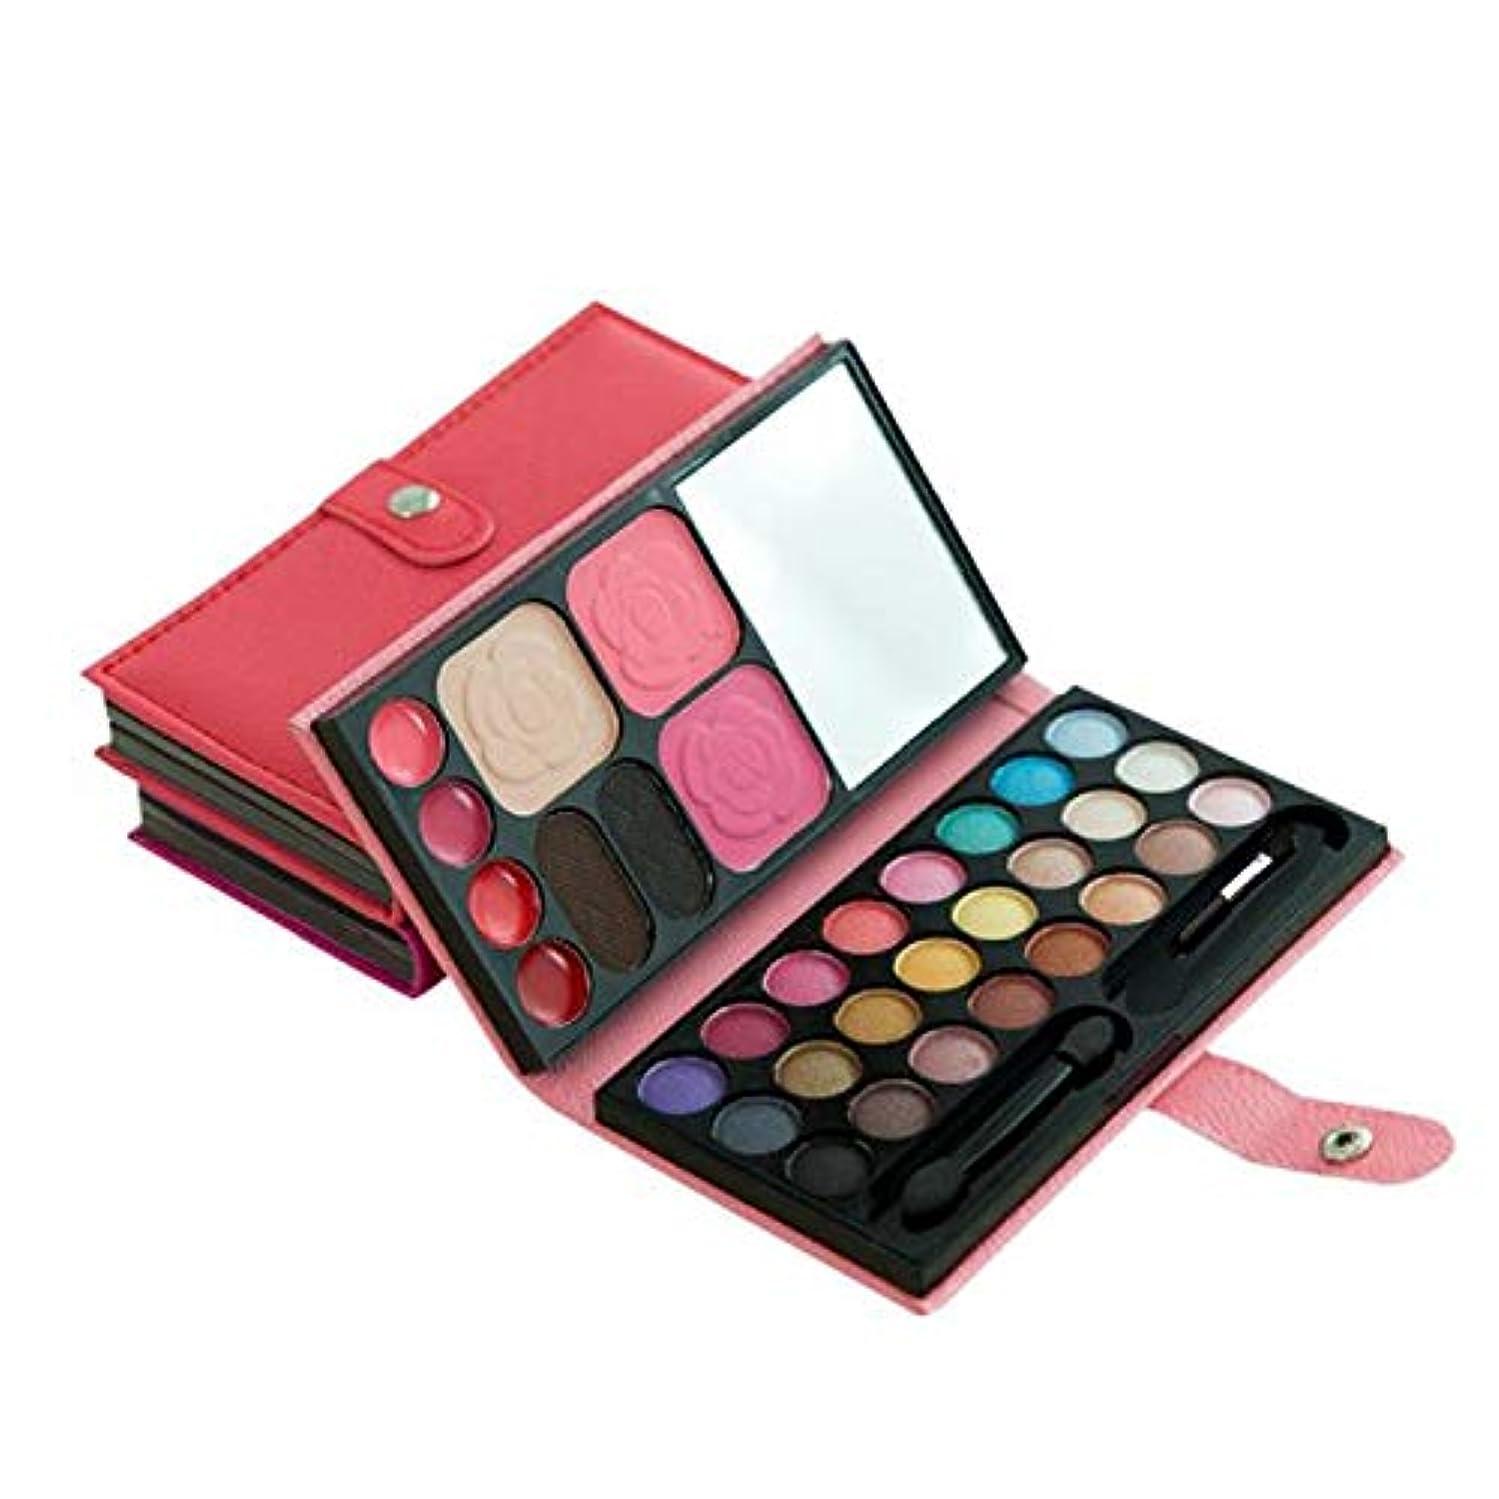 ガレージ未亡人サーキュレーションAkane メイクパレット BOISSY ファッション 可愛い 人気 チーク ランダム色 アイシャドウ 口紅 眉パウダー 魅力的 ピンク 綺麗 長持ち おしゃれ チャーム 日常 持ち便利 Eye Shadow (33色)